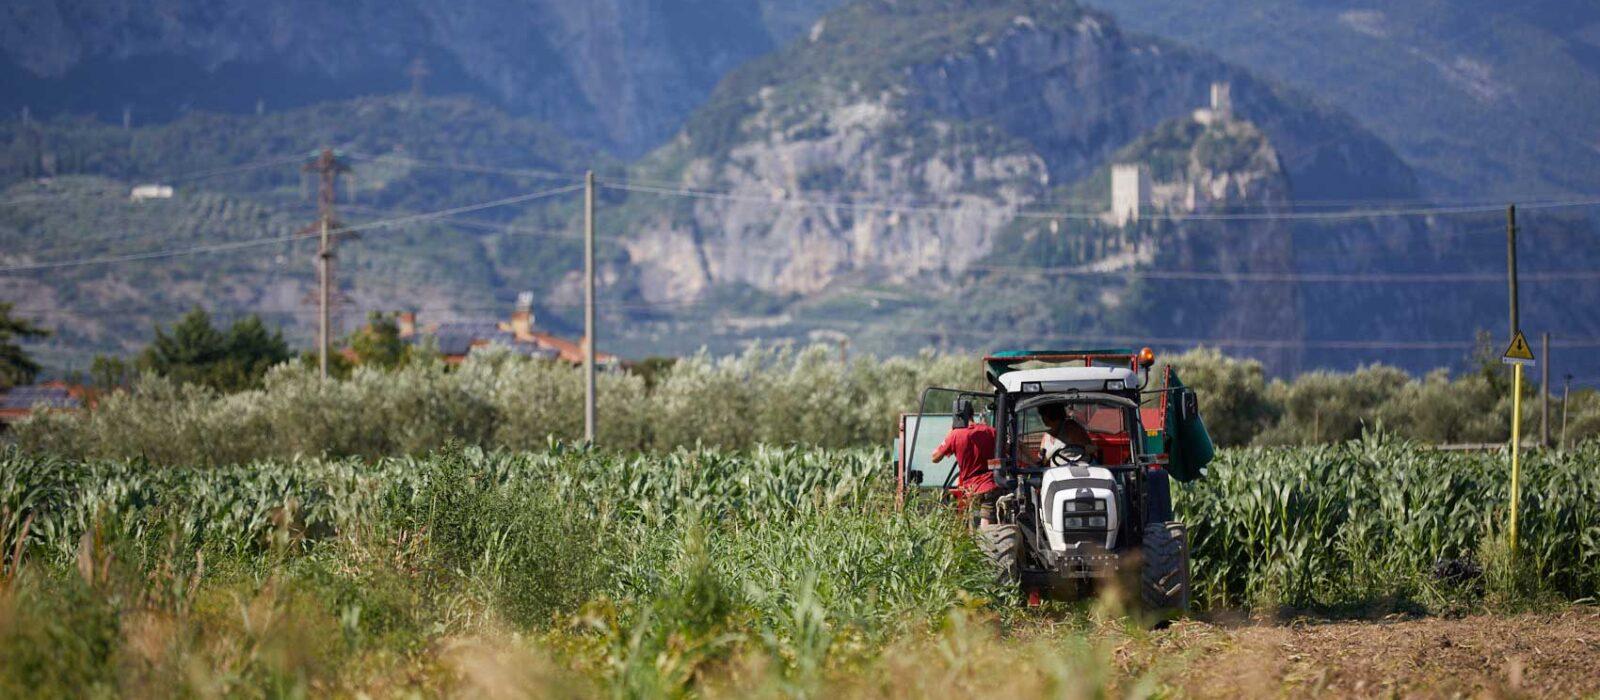 Scopri di più fattoria e azienda agricola - Agriturismo De Bas - Riva del Garda